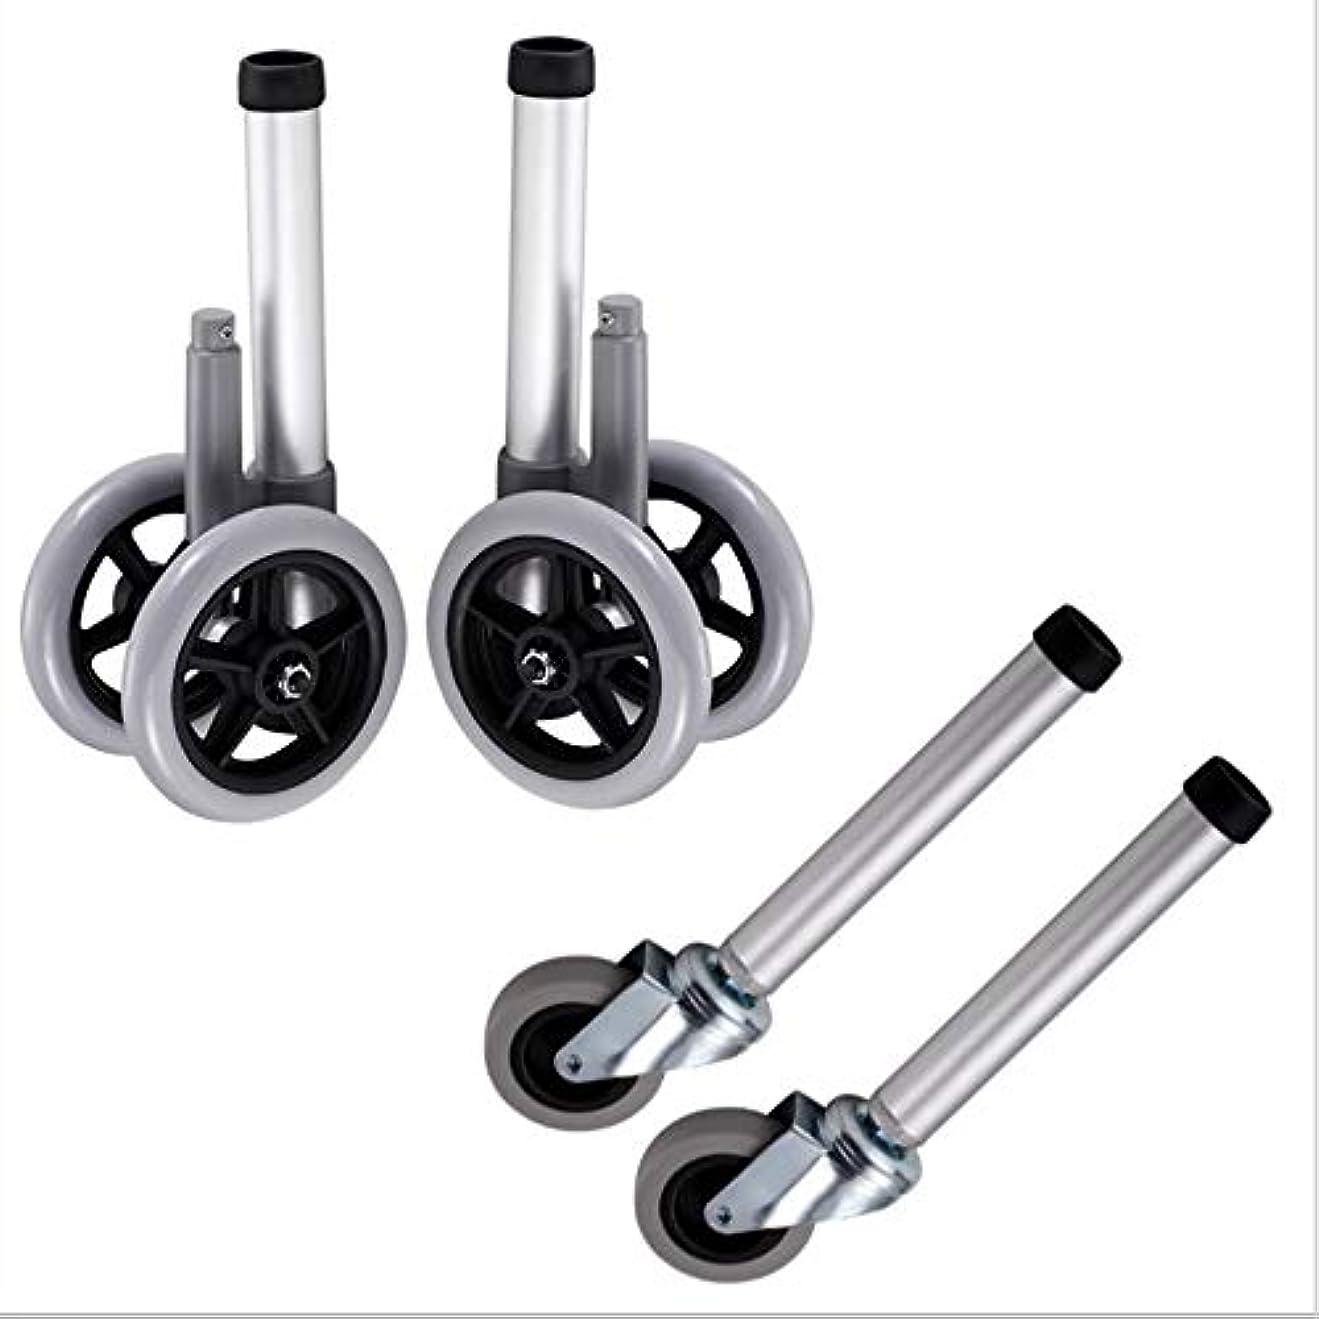 取り替えの歩くフレームの車輪、耐久の強い合金フレームの車椅子の足車の車輪